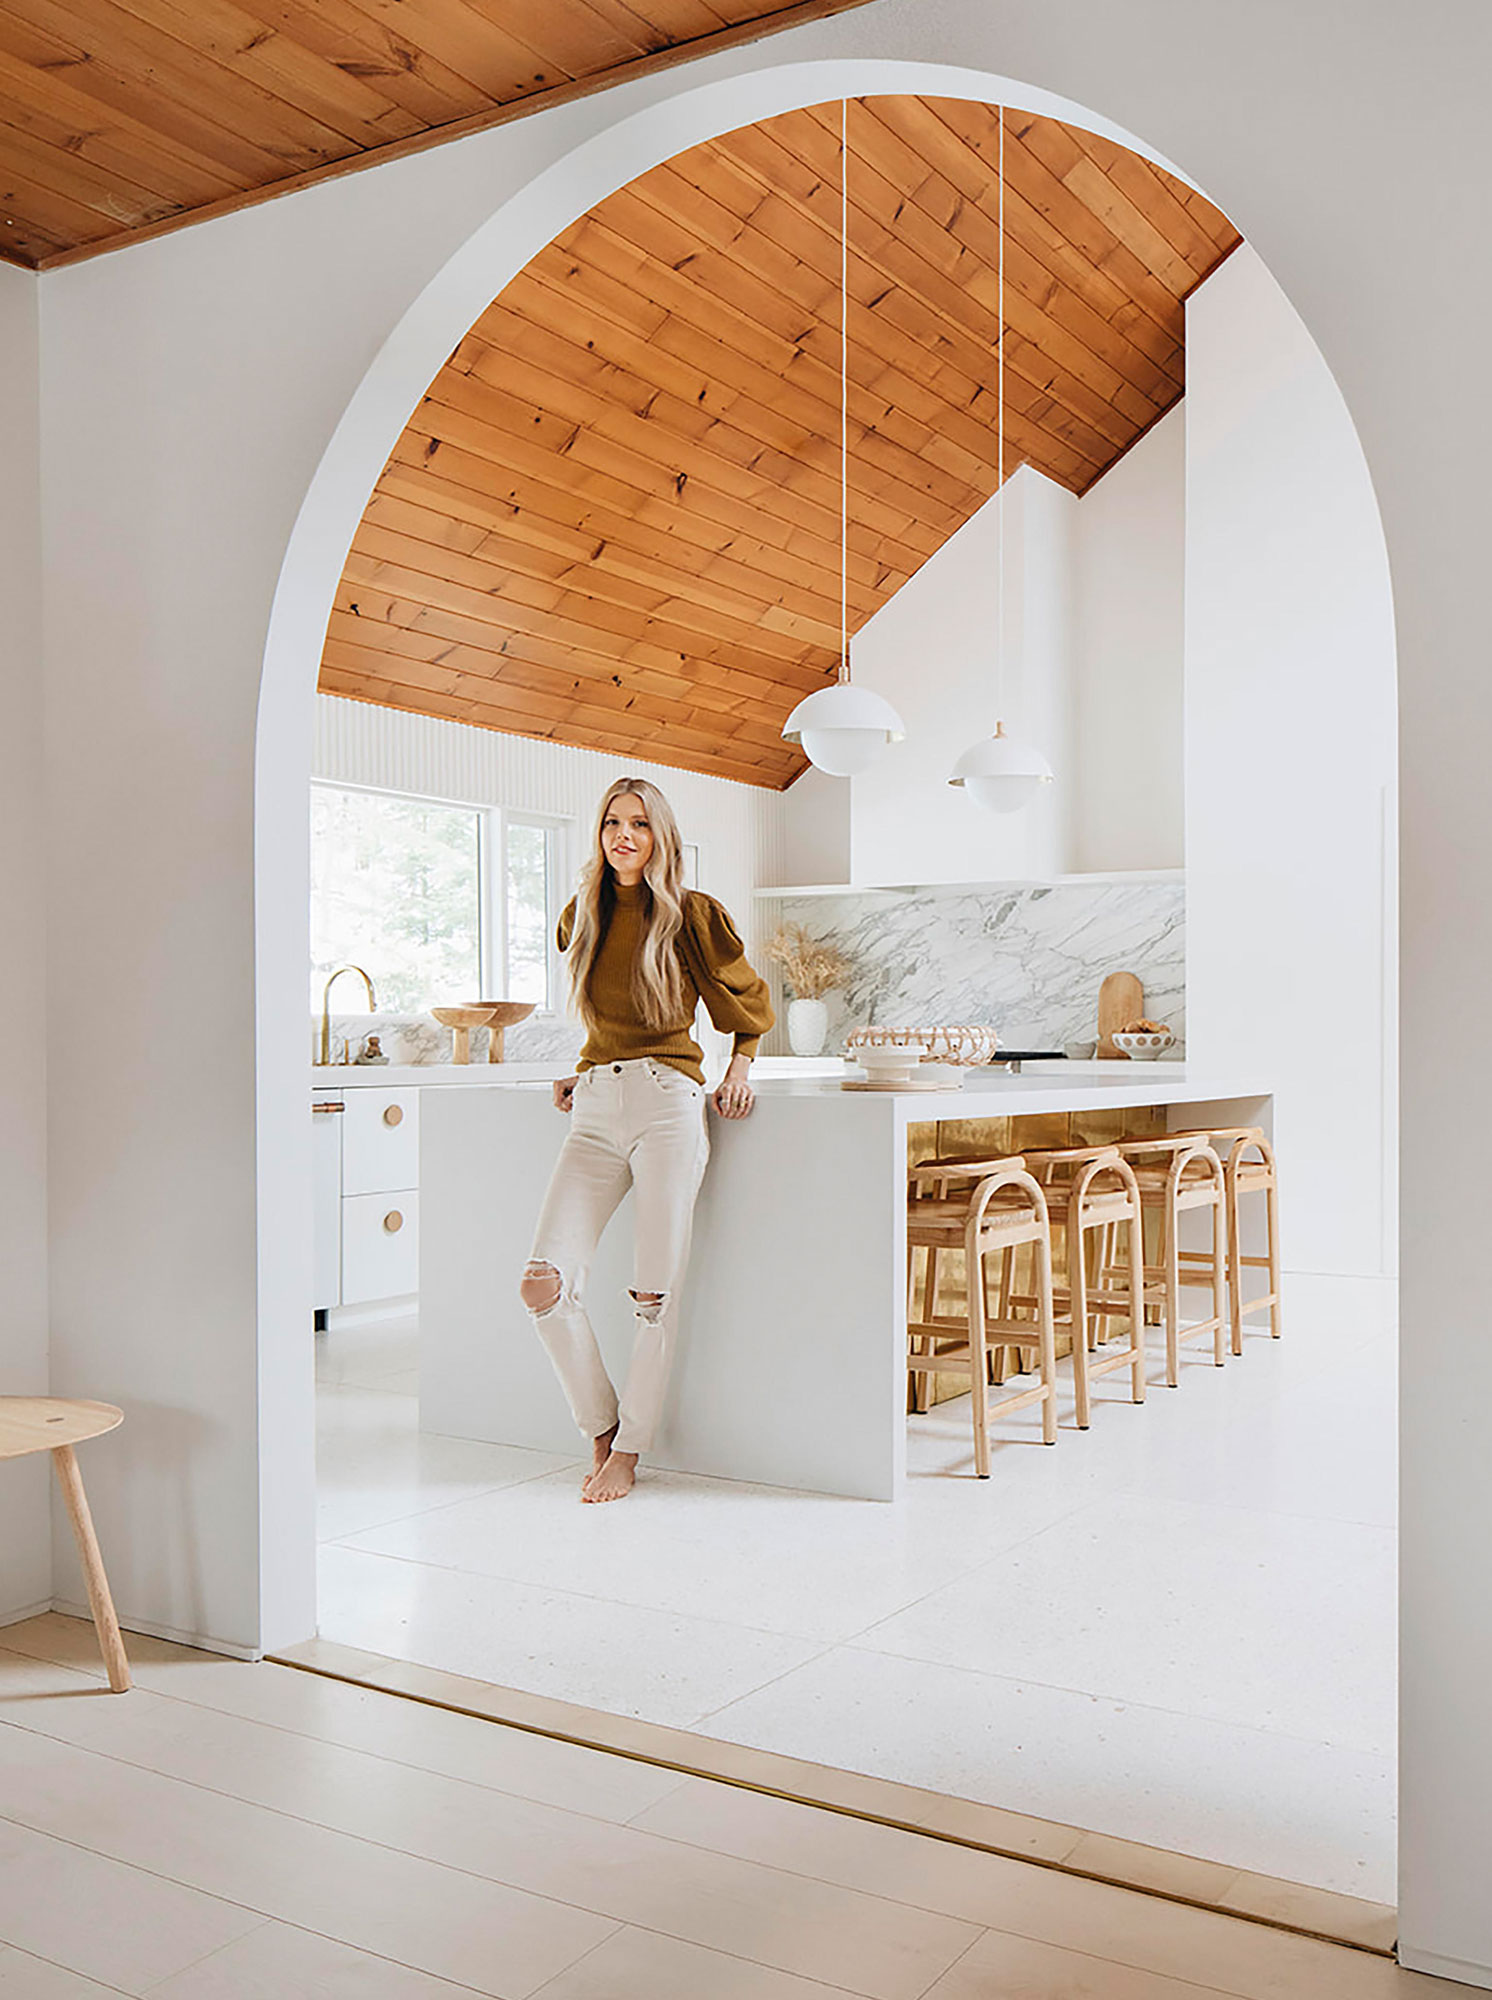 Designer and homeowner Sarah Sherman Samuel